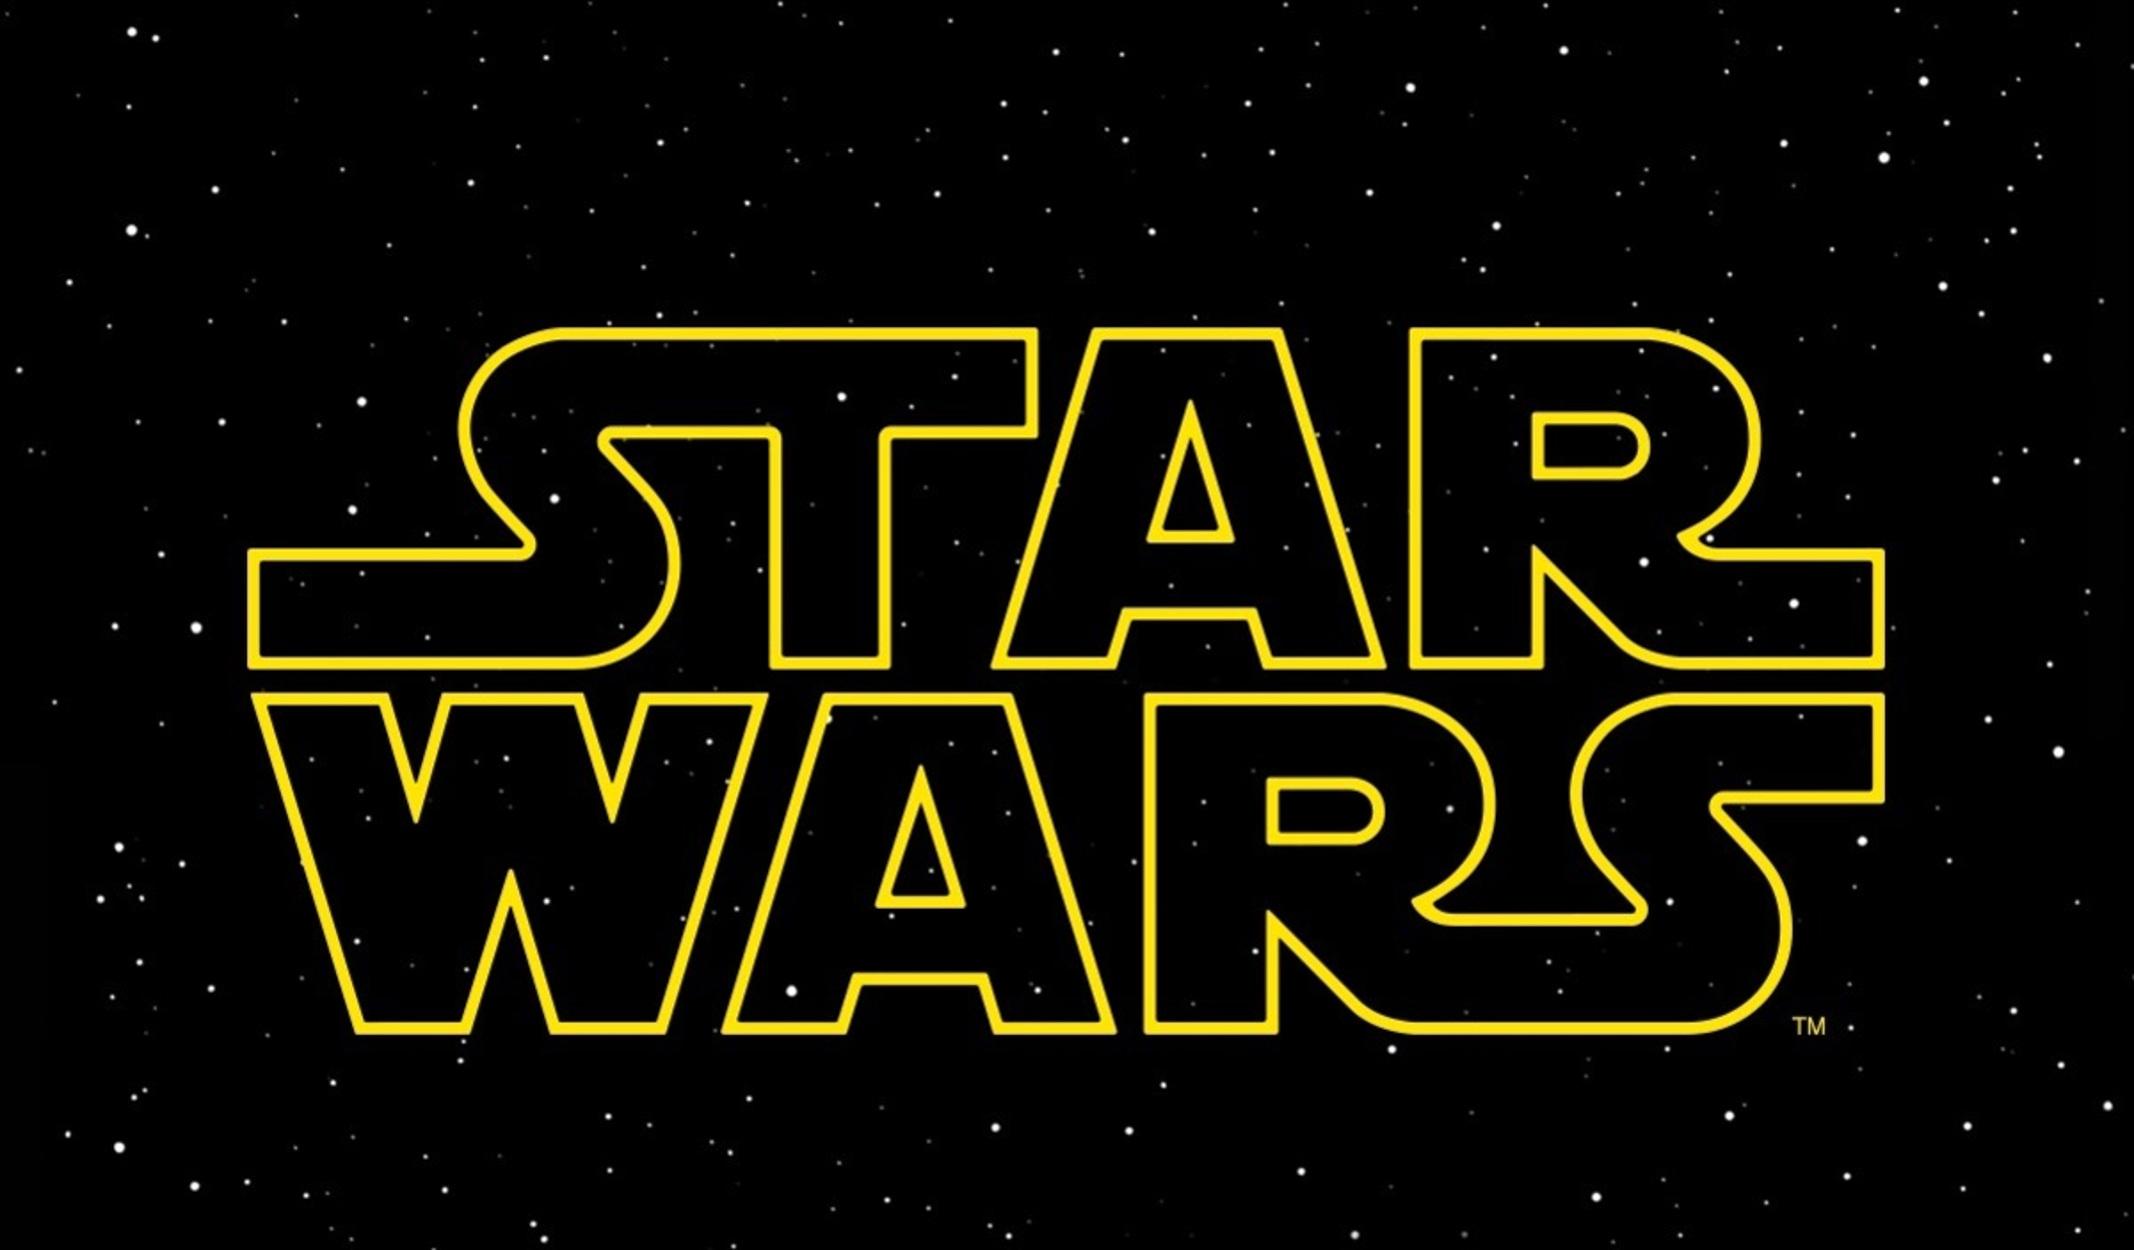 Τα αμερικανικά ταχυδρομεία κυκλοφόρησαν γραμματόσημα Star Wars (video)